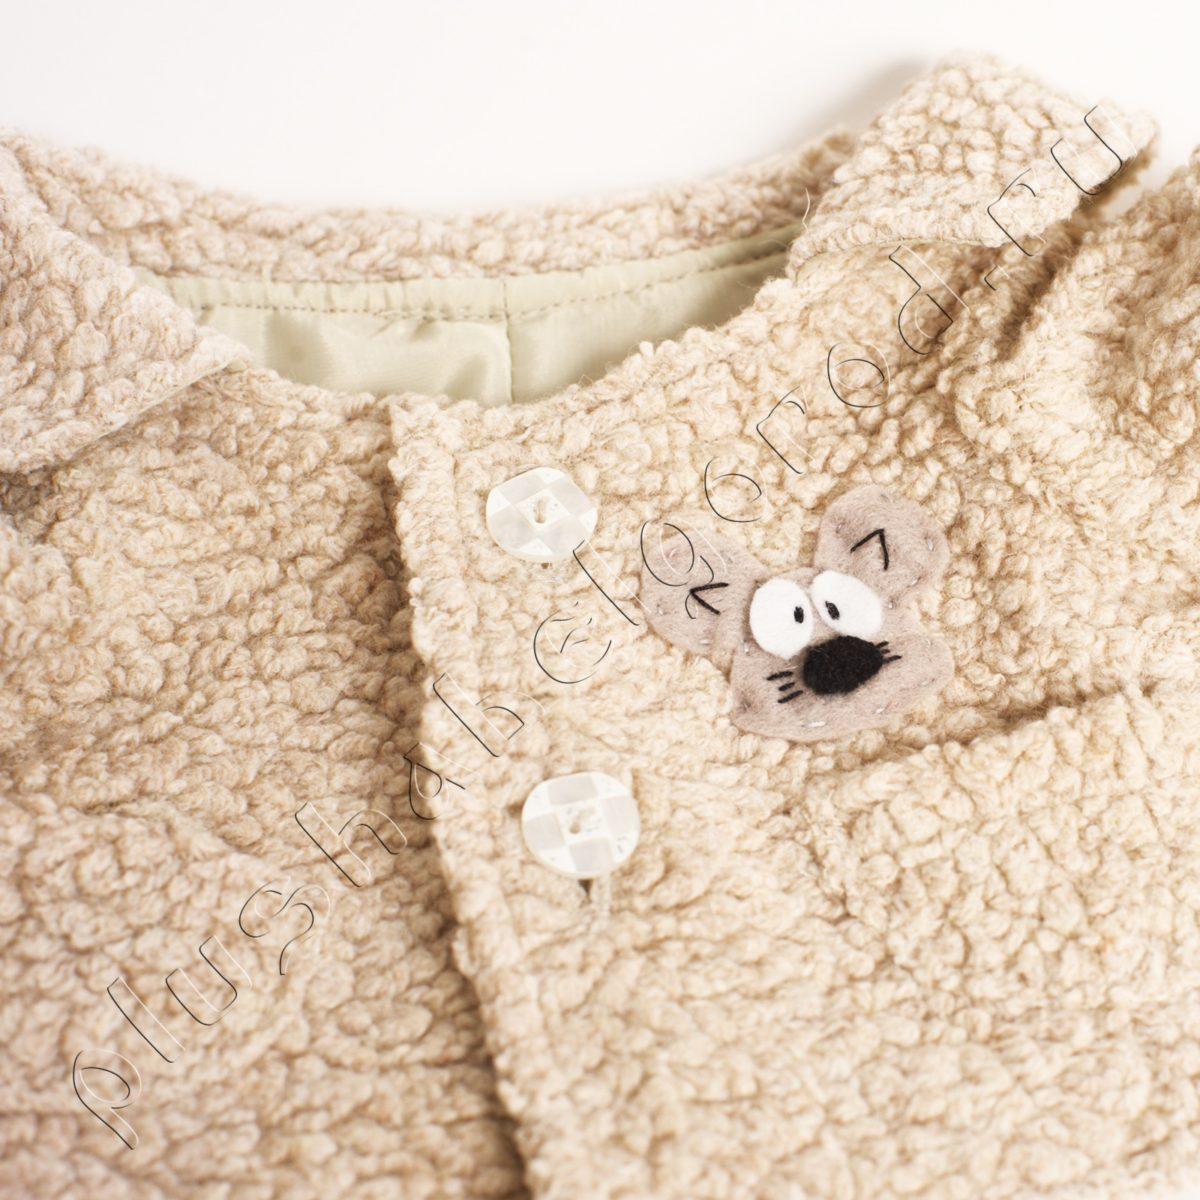 Пальто на подкладке с мышкой (30)